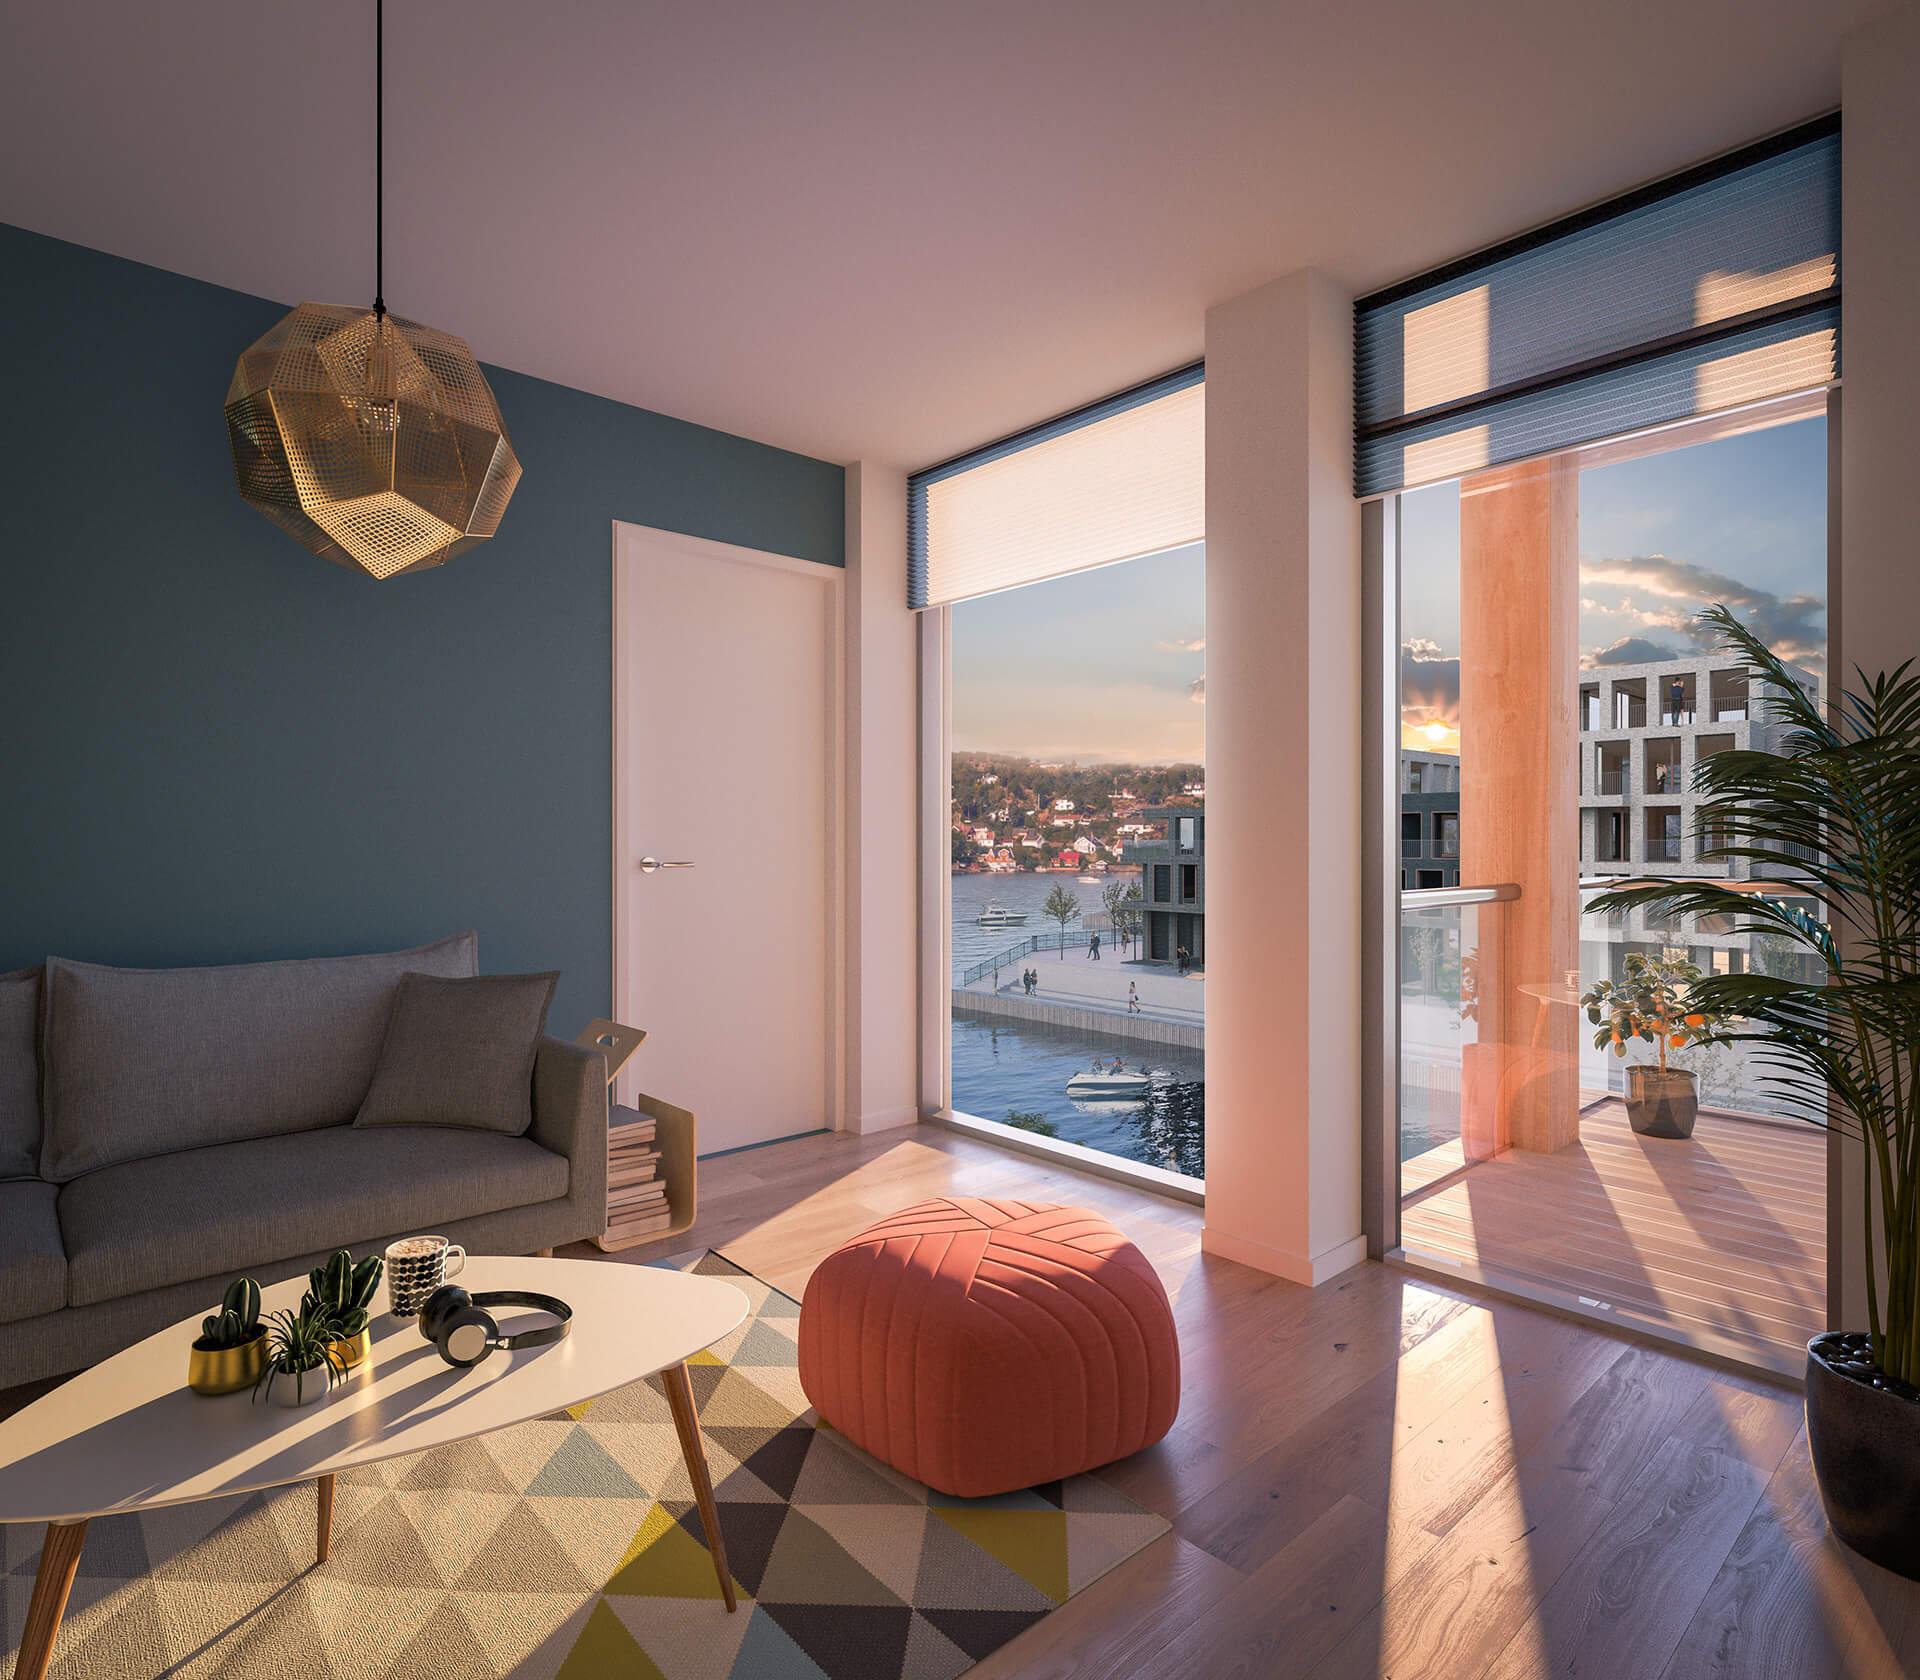 Balkonger er plassert slik at man ser vannflaten også inne fra stua. Her fra leilighet i C 203. (Illustrasjonbilde. Endringer kan forekomme.)